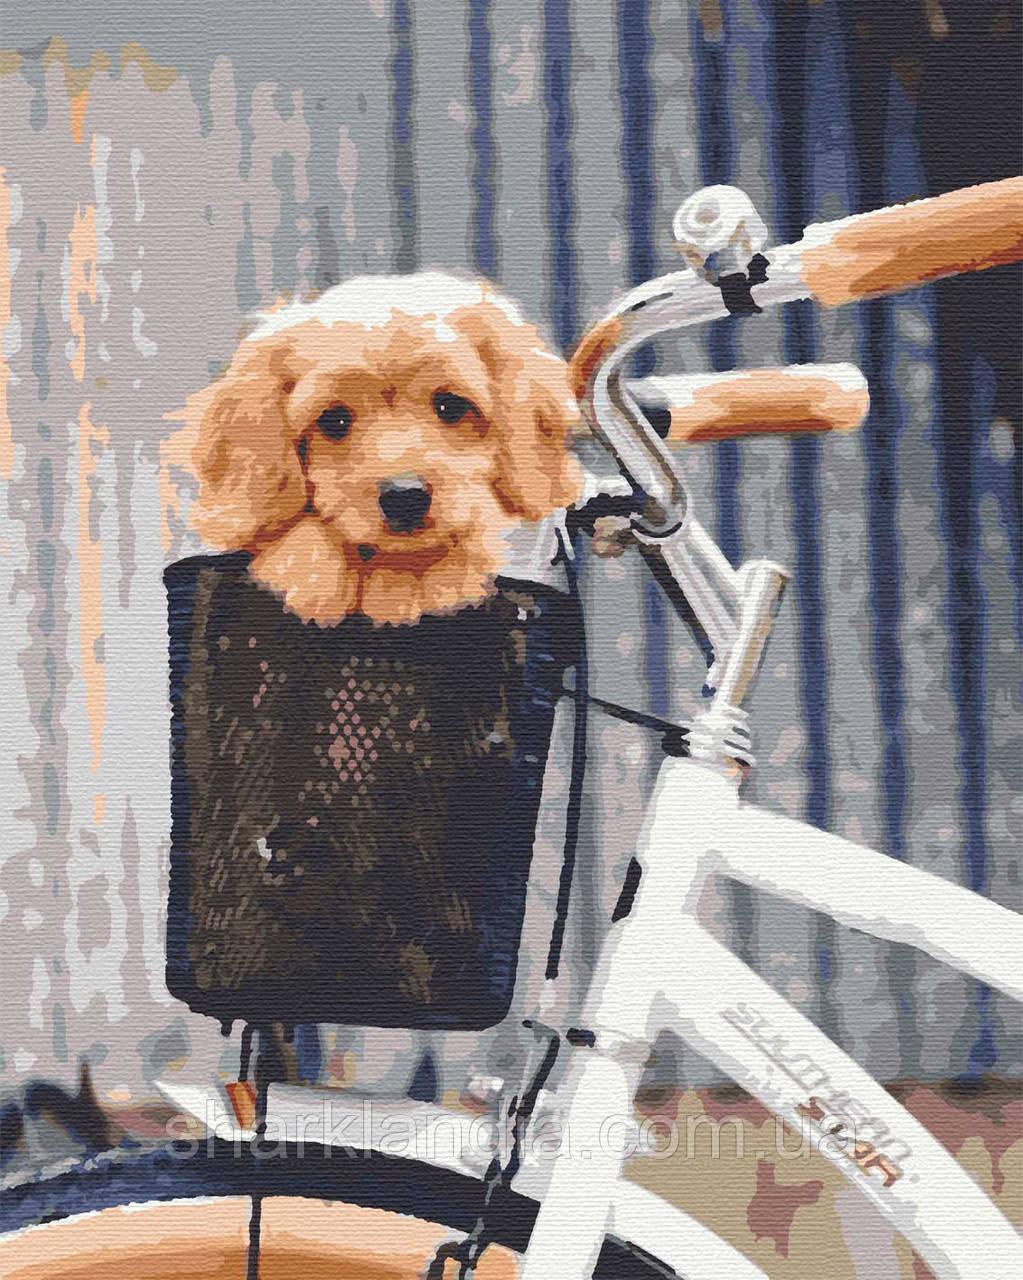 Картина по номерам Путешествие 40*50см Riviera Blanca Раскраски Пес в велосипеде Авто Прикольные